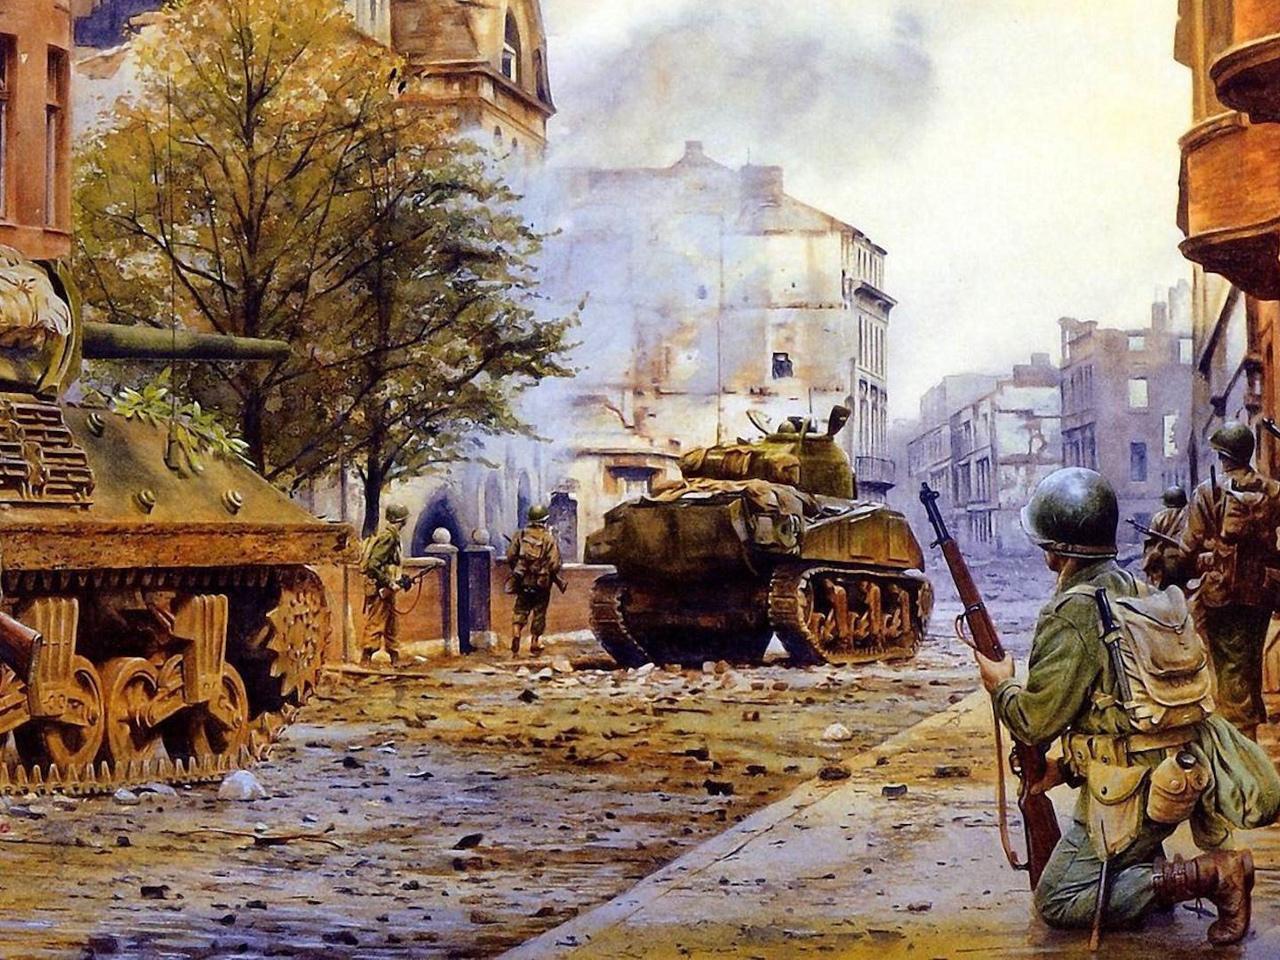 арт, искусство, город, солдаты